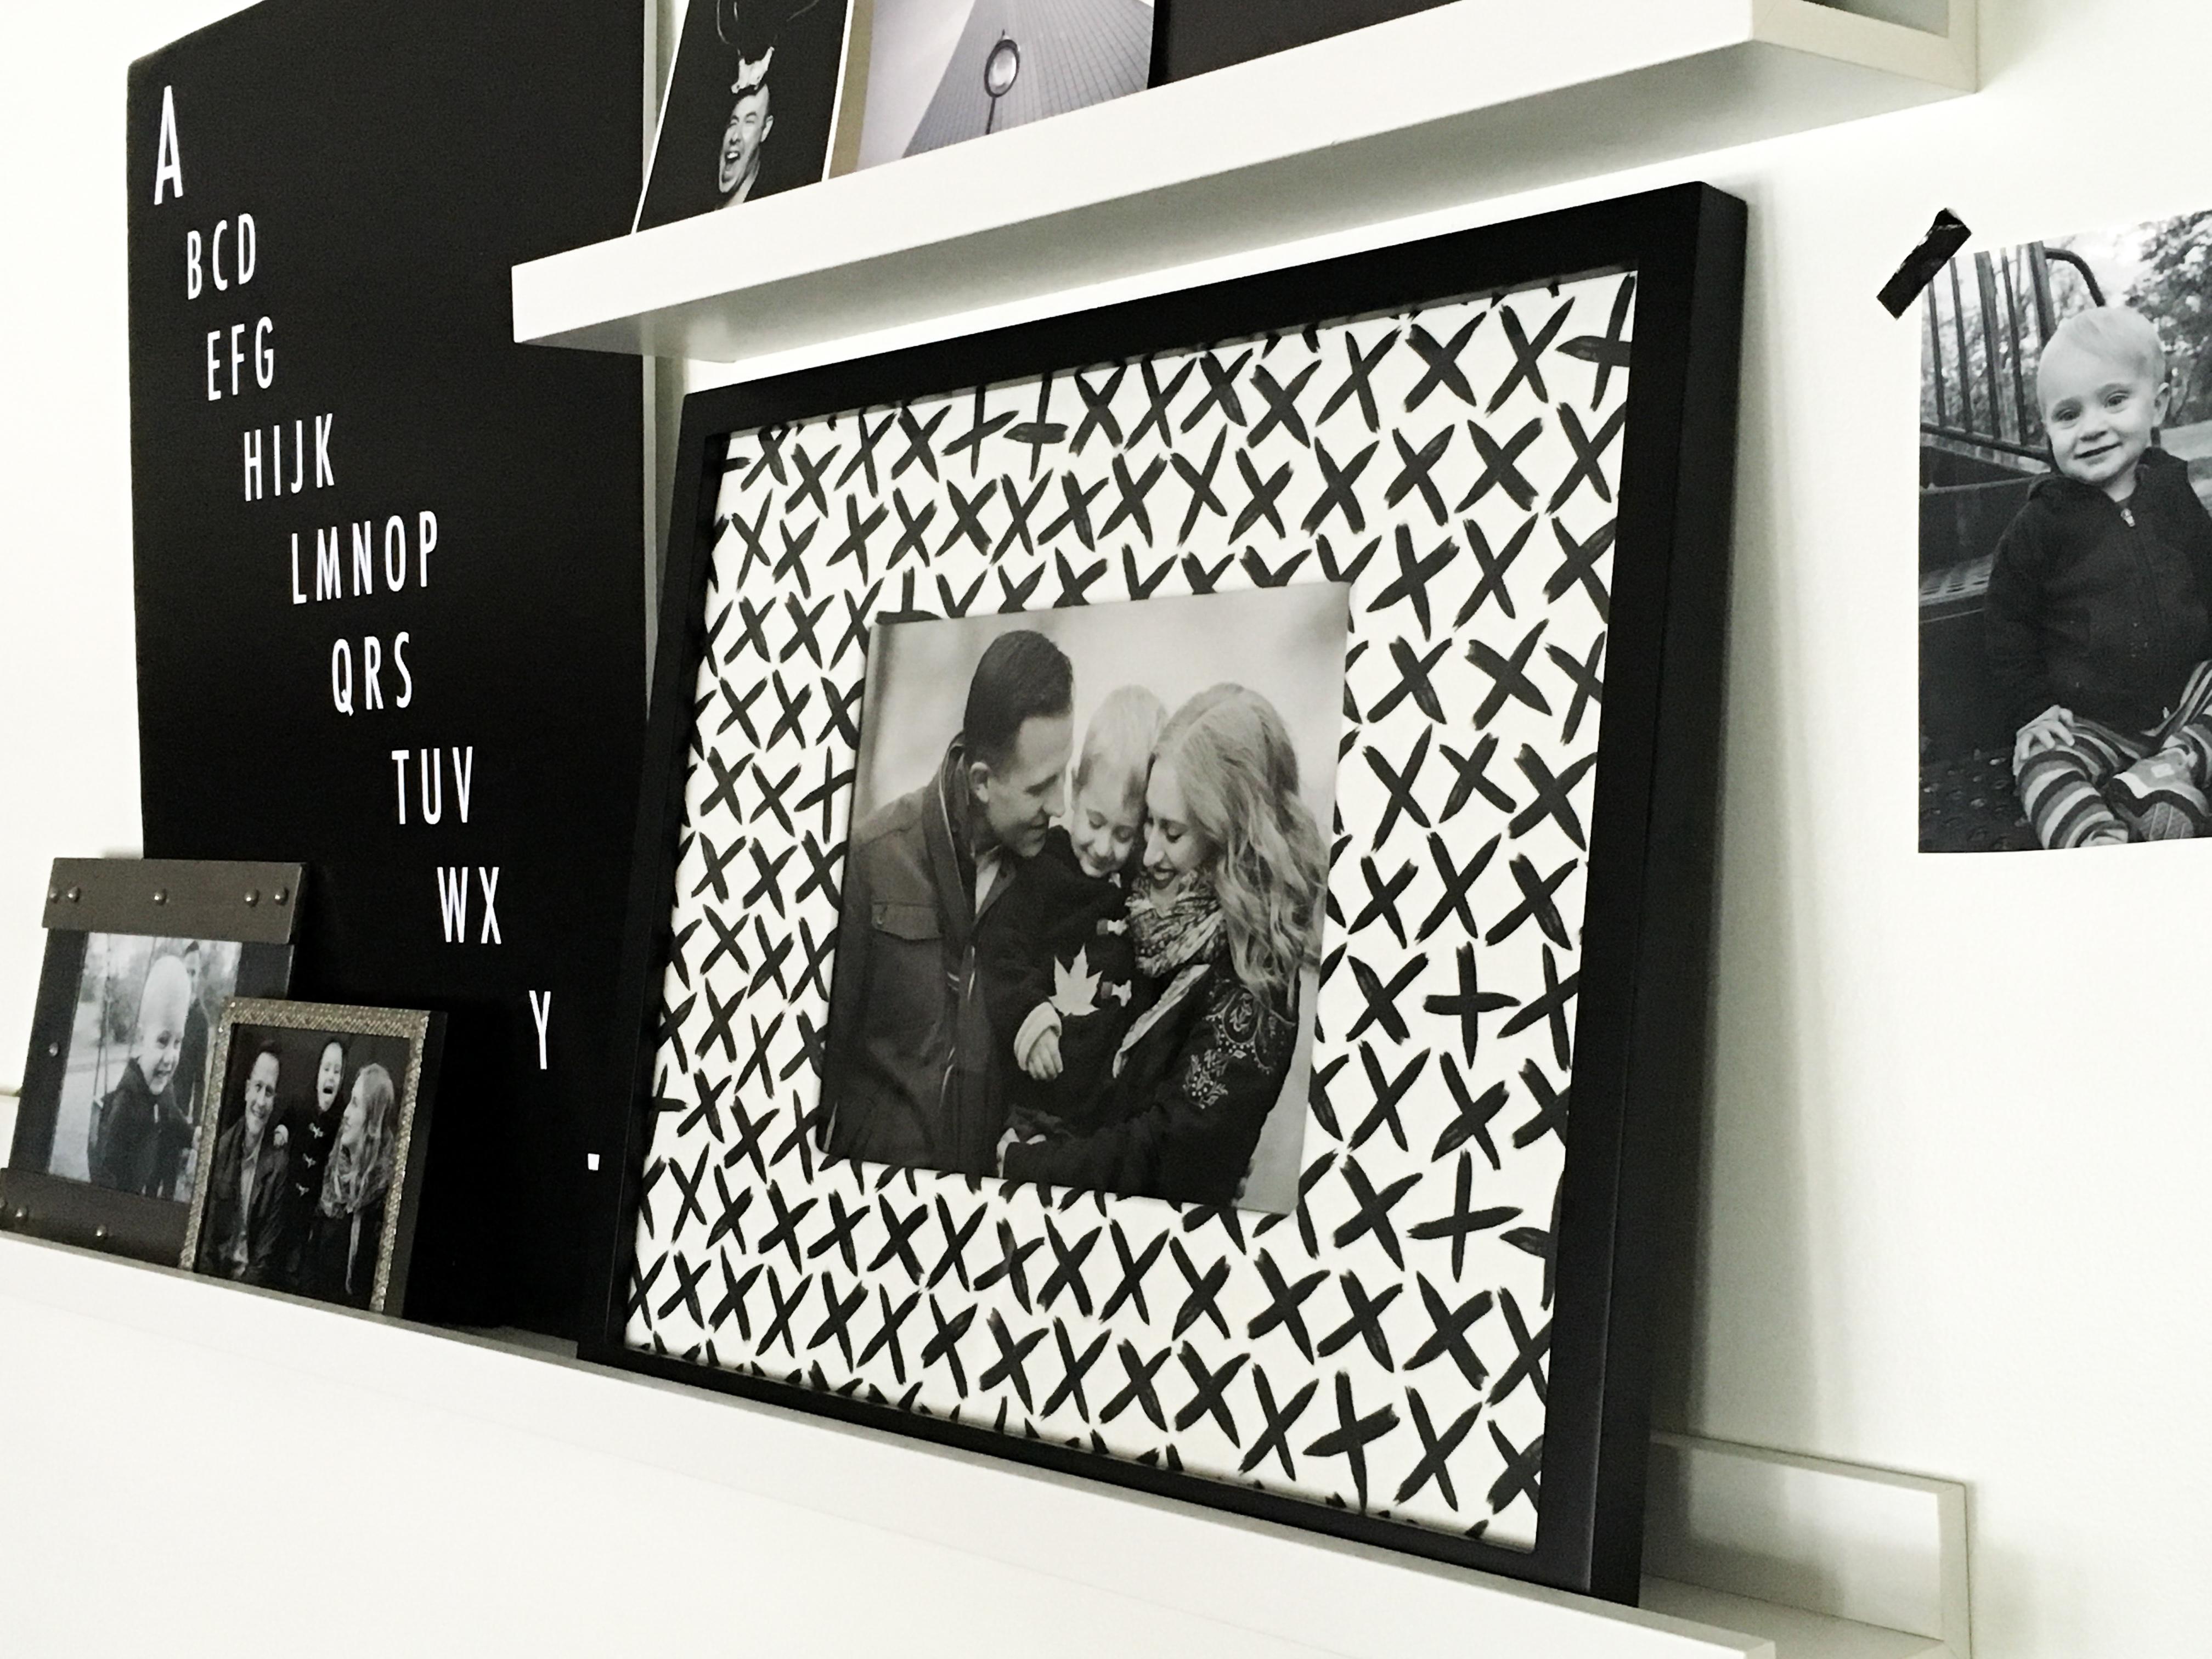 photo mat archives valerie kiser design. Black Bedroom Furniture Sets. Home Design Ideas